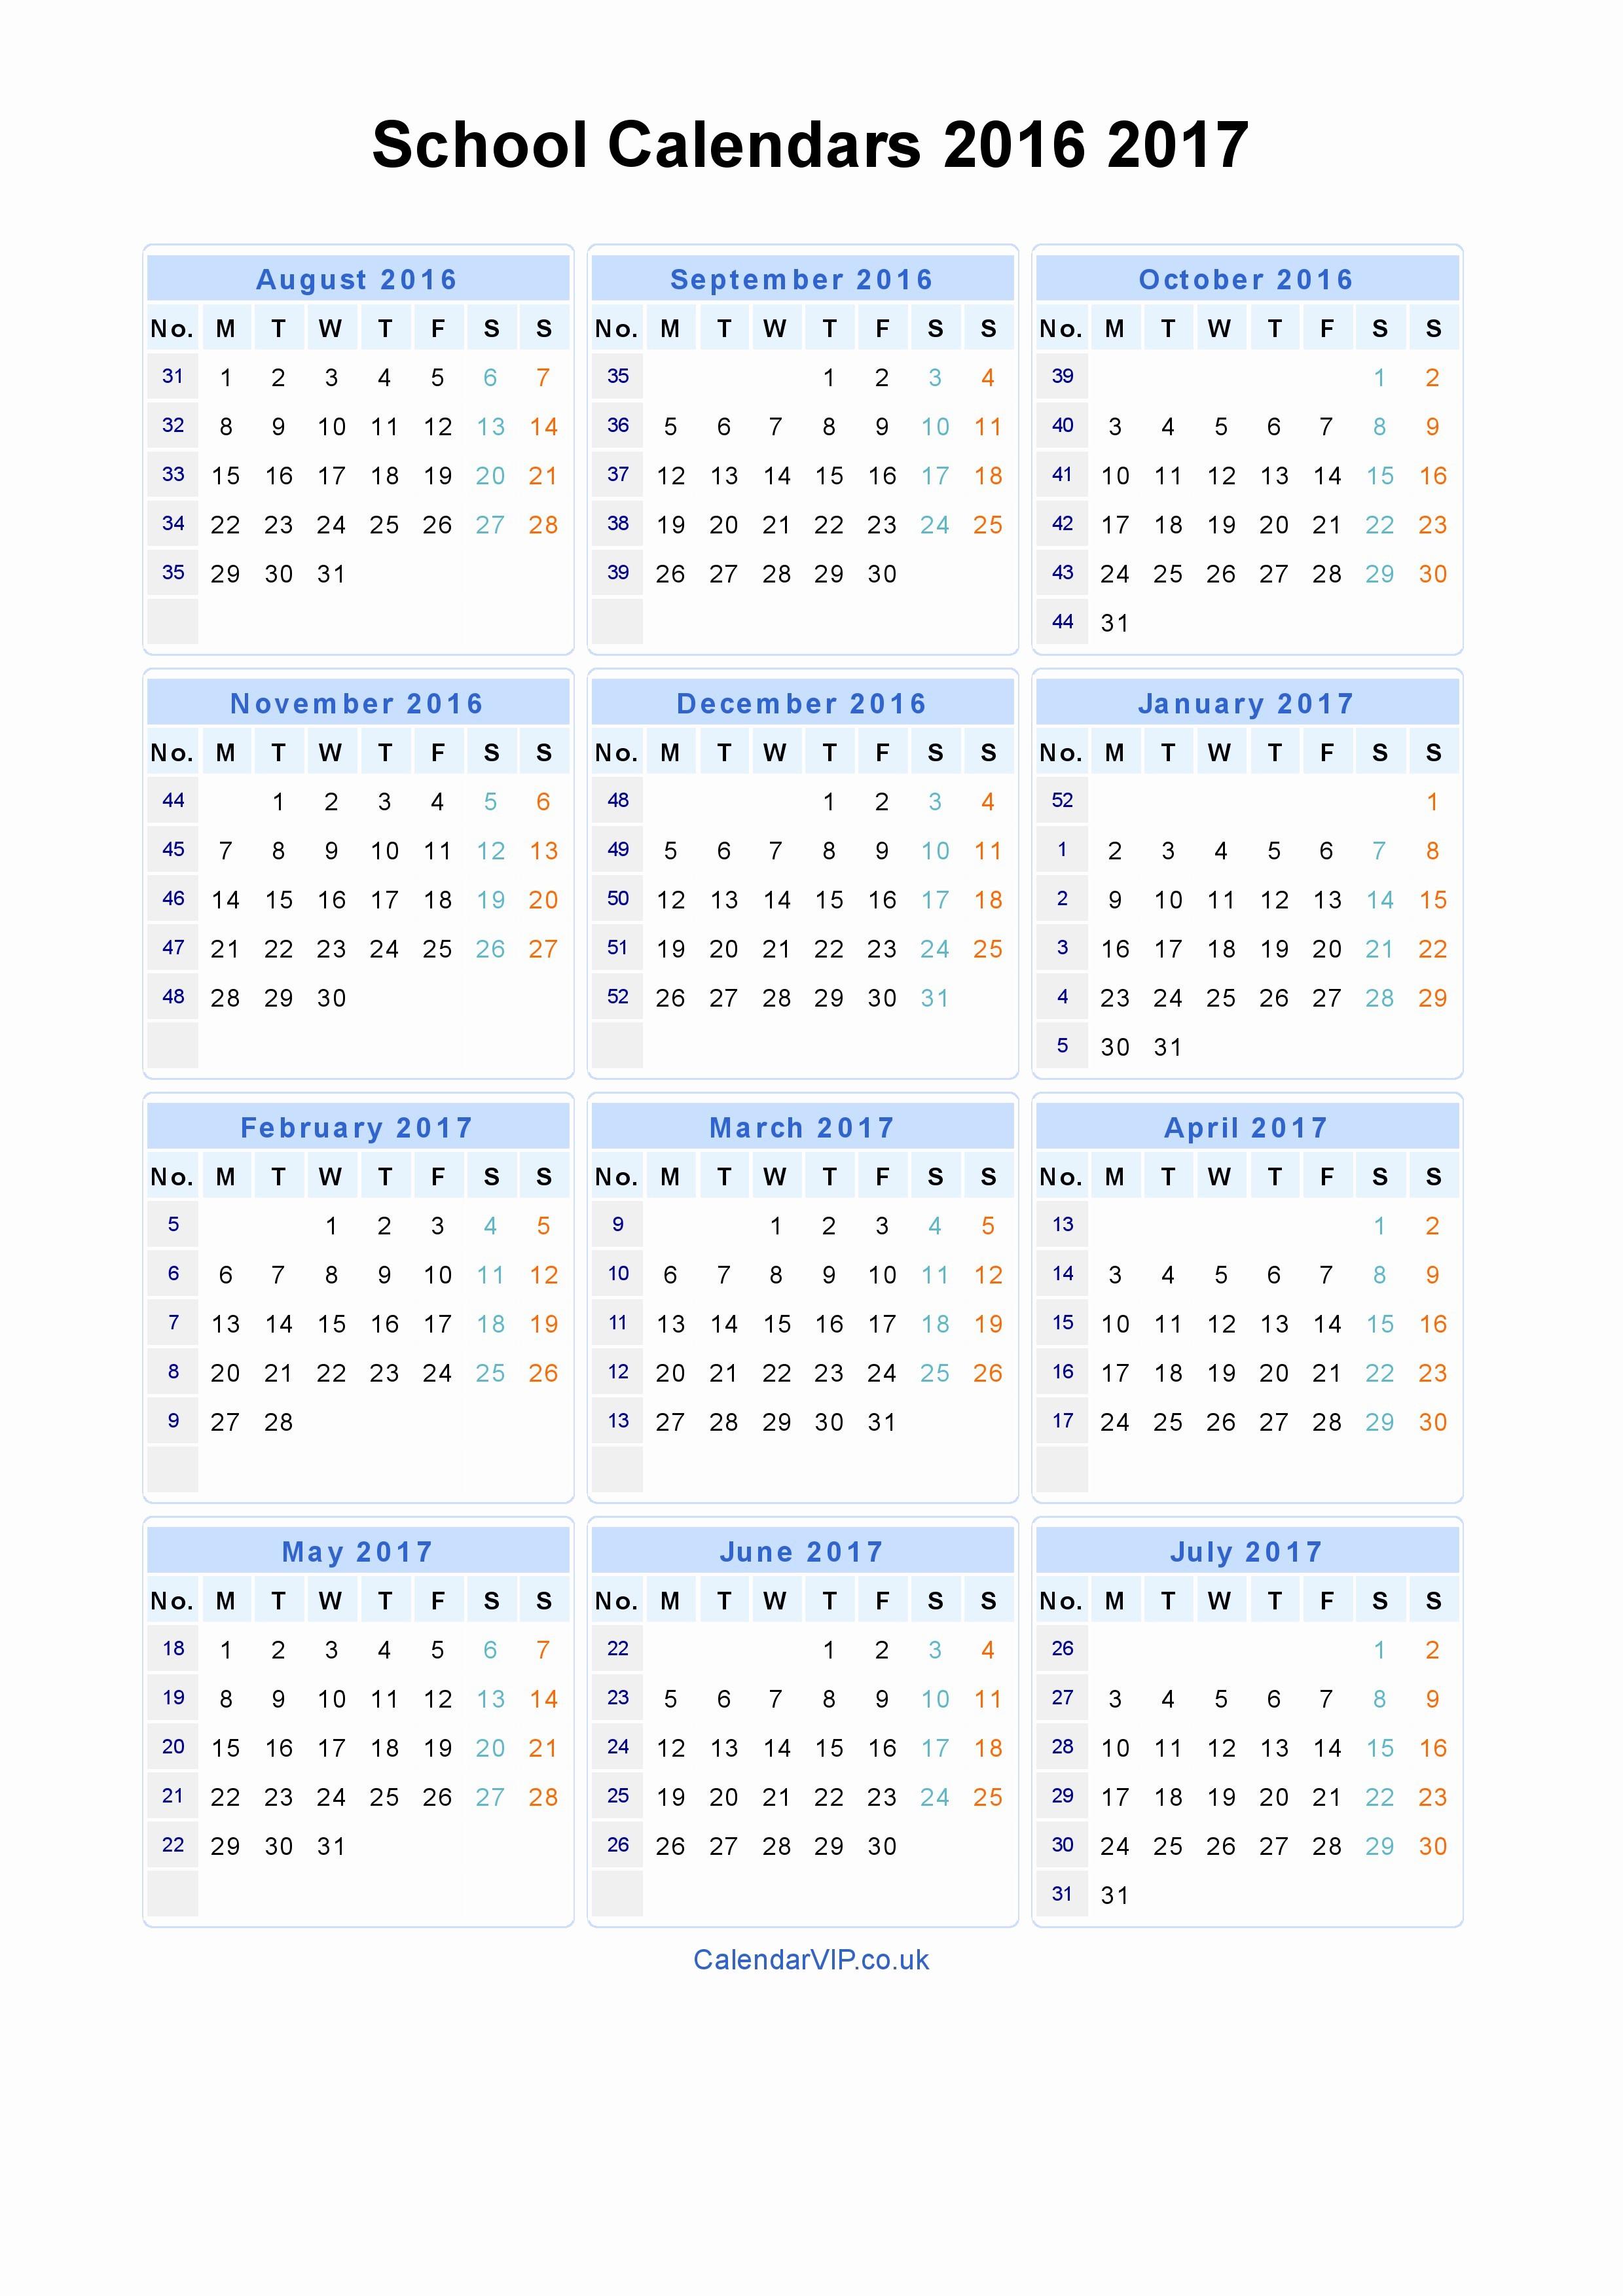 2016 2017 School Calendar Template Beautiful School Calendars 2016 2017 Calendar From August 2016 to